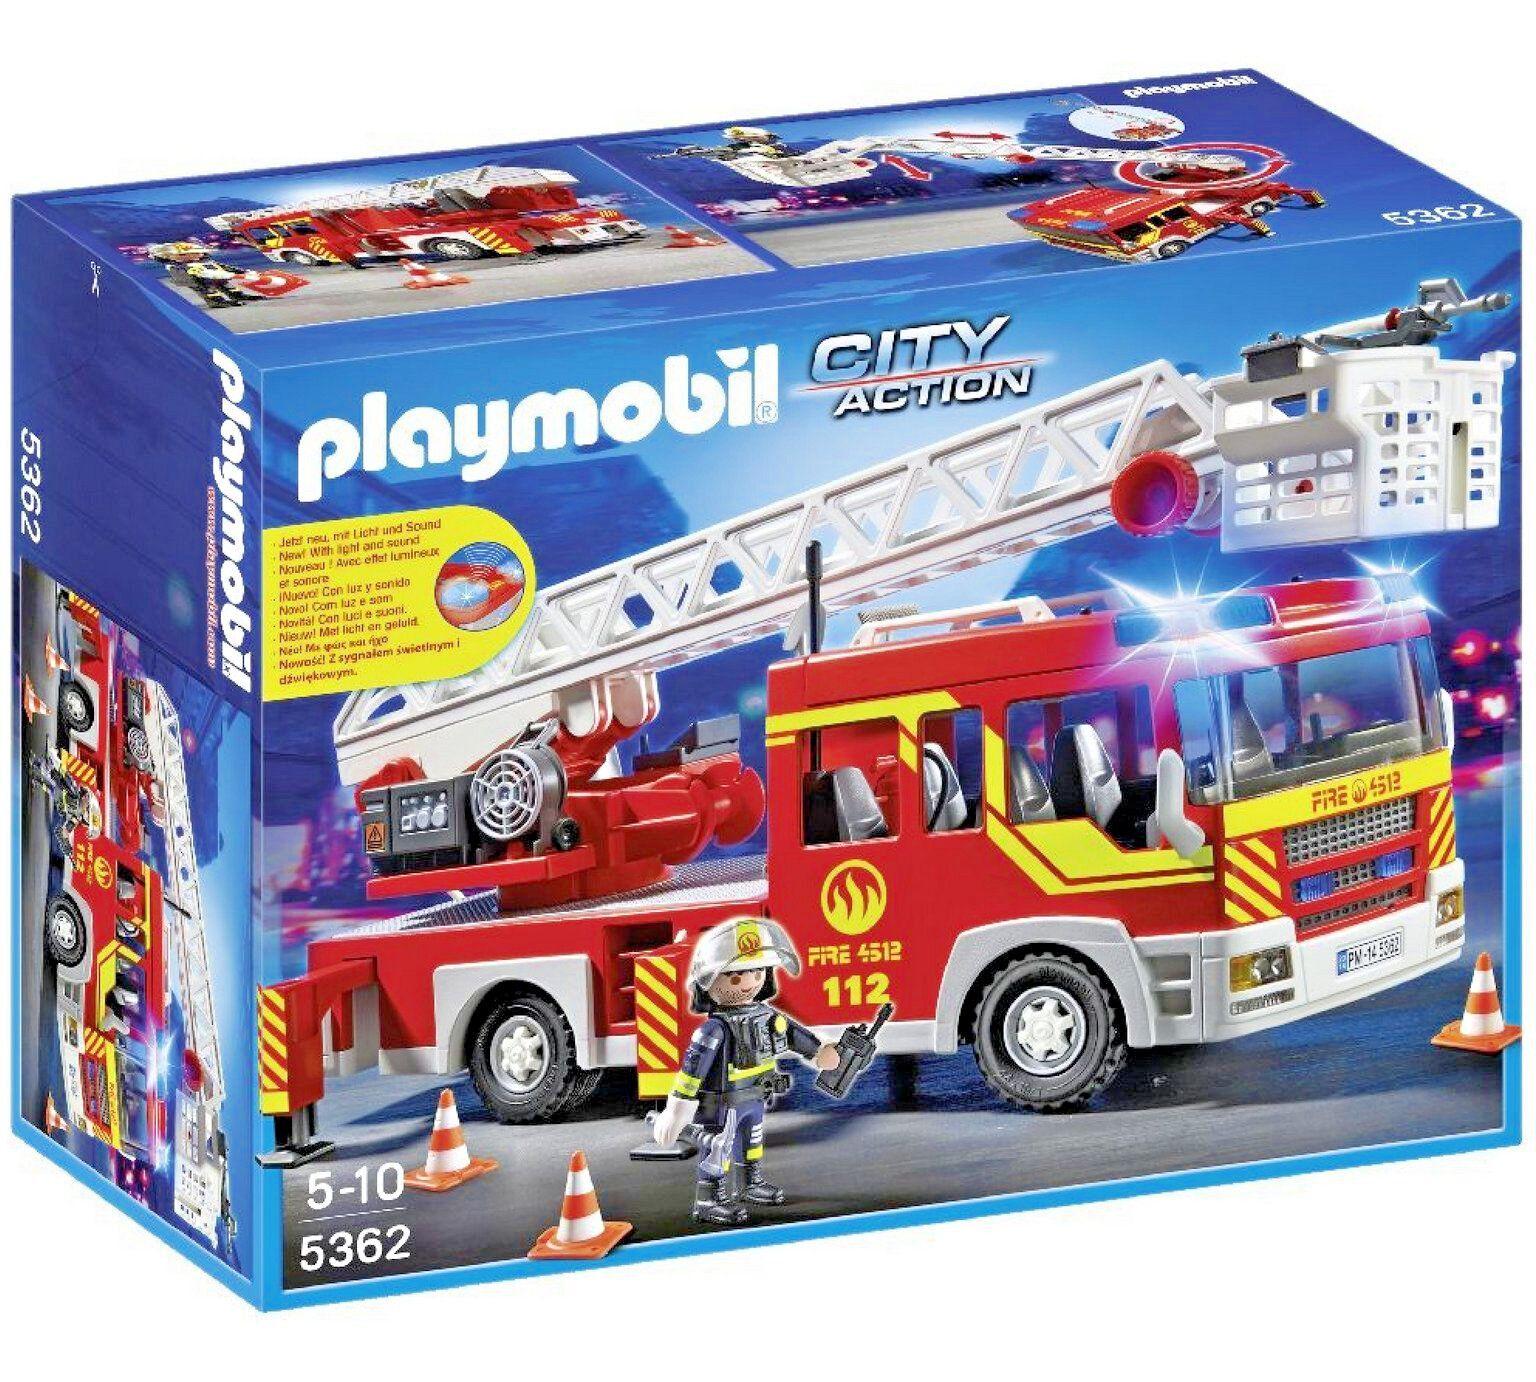 PLAYMOBIL 5362 City Action échelle Unité avec lumières et sons taille H15, W30, D40cm